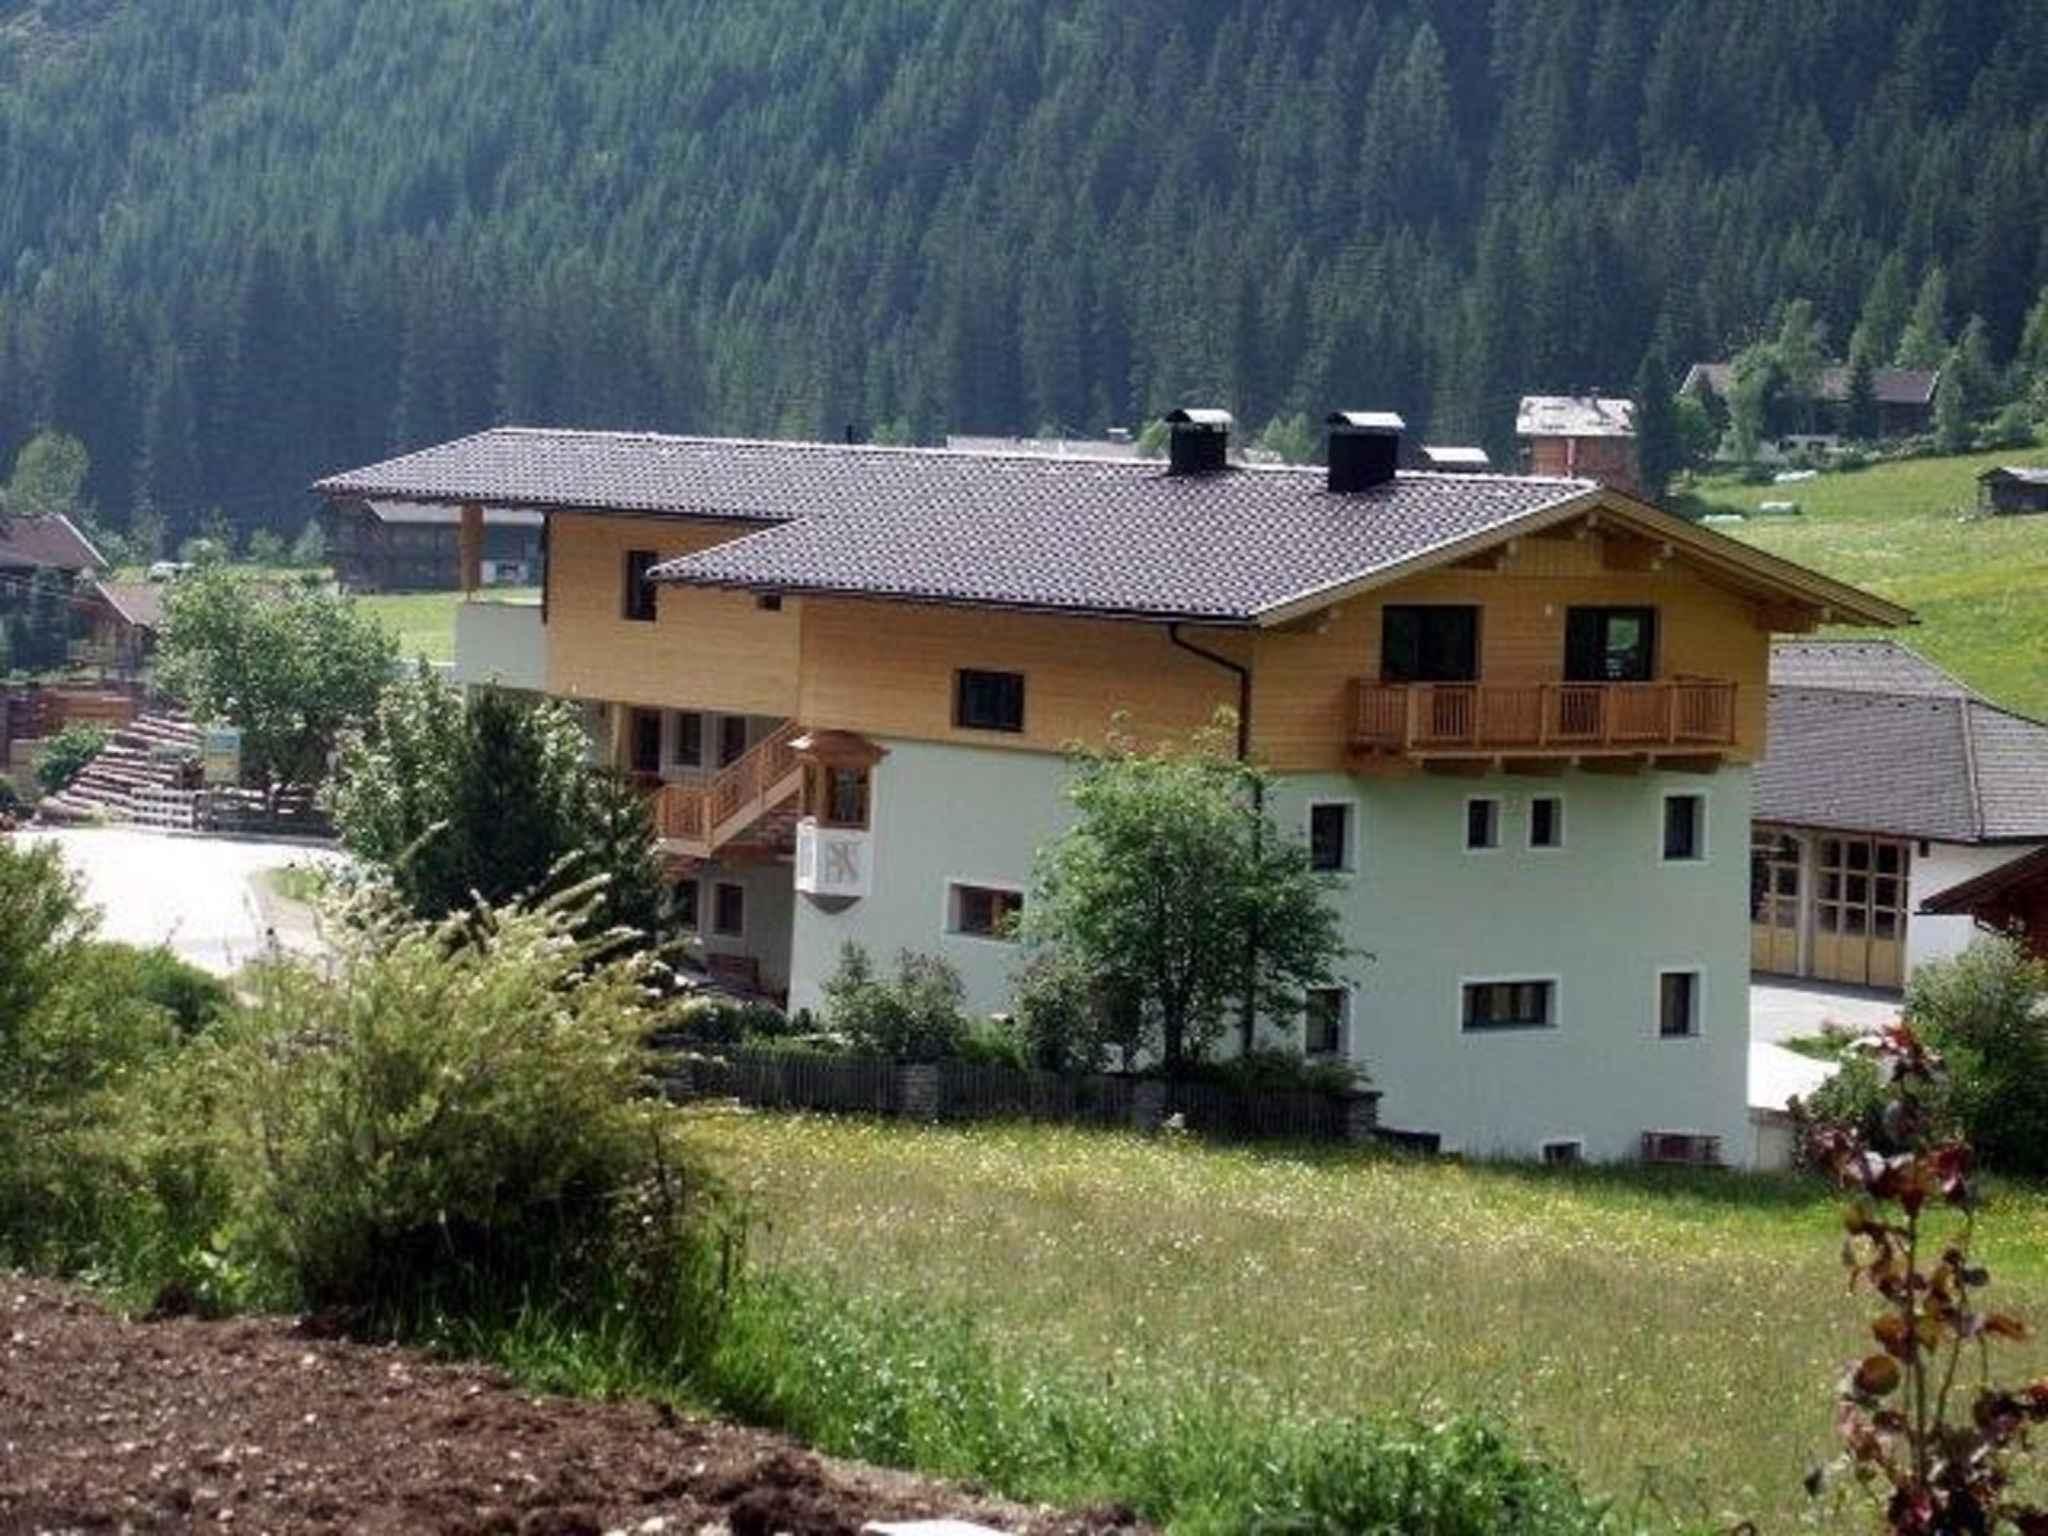 Ferienwohnung mit Südbalkon (918614), Innervillgraten, Osttirol, Tirol, Österreich, Bild 3